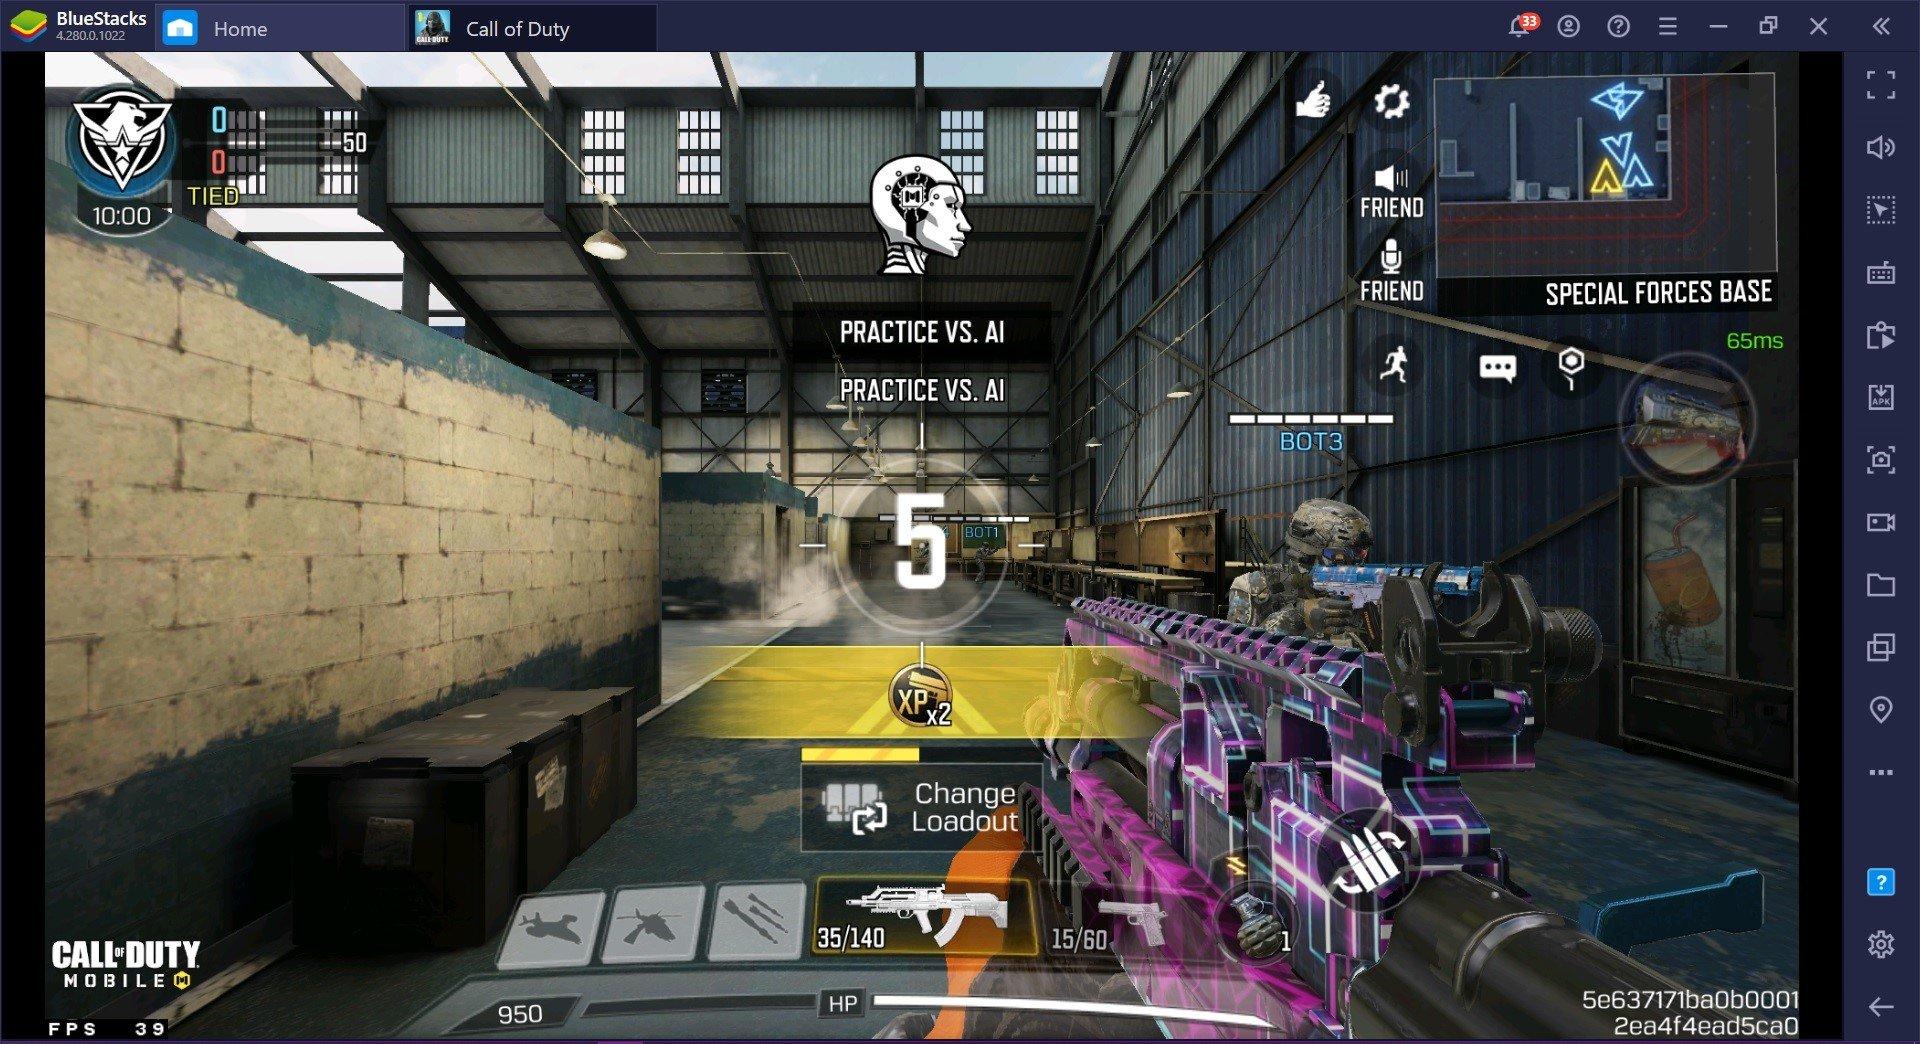 Call of Duty: Руководство по мобильному оружию & # 8212;  BK57 выходит за рамки среднего